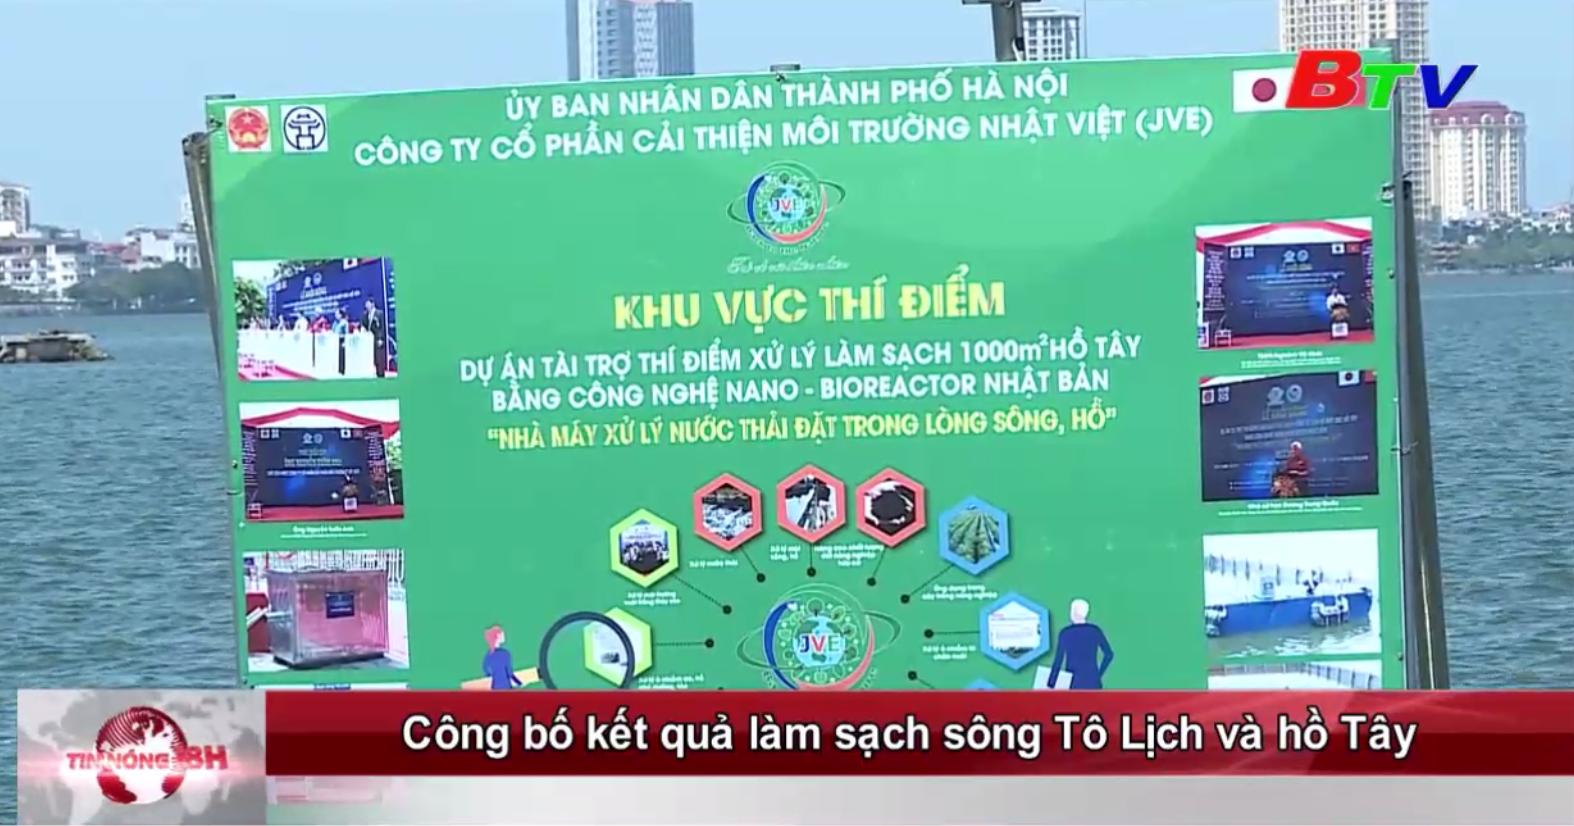 Công bố kết quả làm sạch sông Tô Lịch và hồ Tây